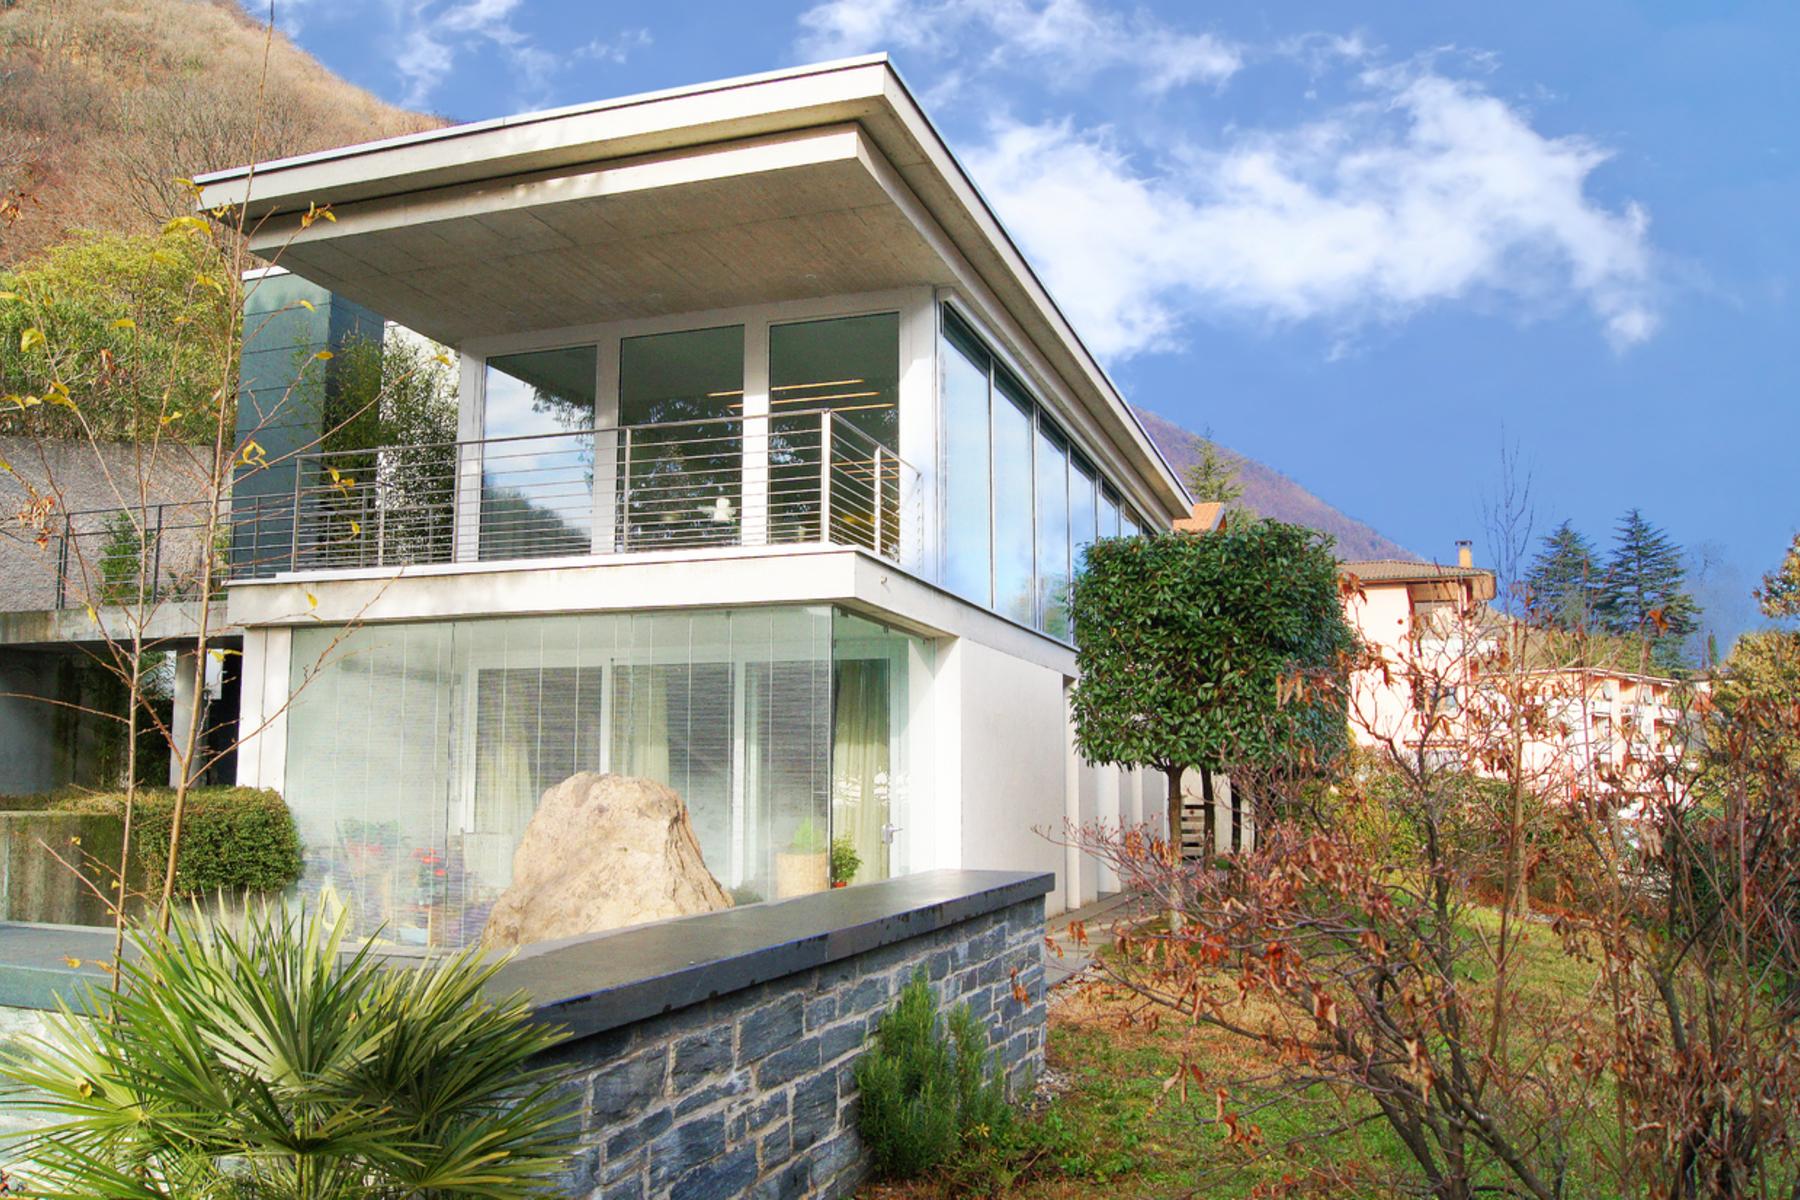 Casa Unifamiliar por un Venta en Design villa with panoramic view Riva San Vitale, Riva San Vitale, Ticino, 6826 Suiza